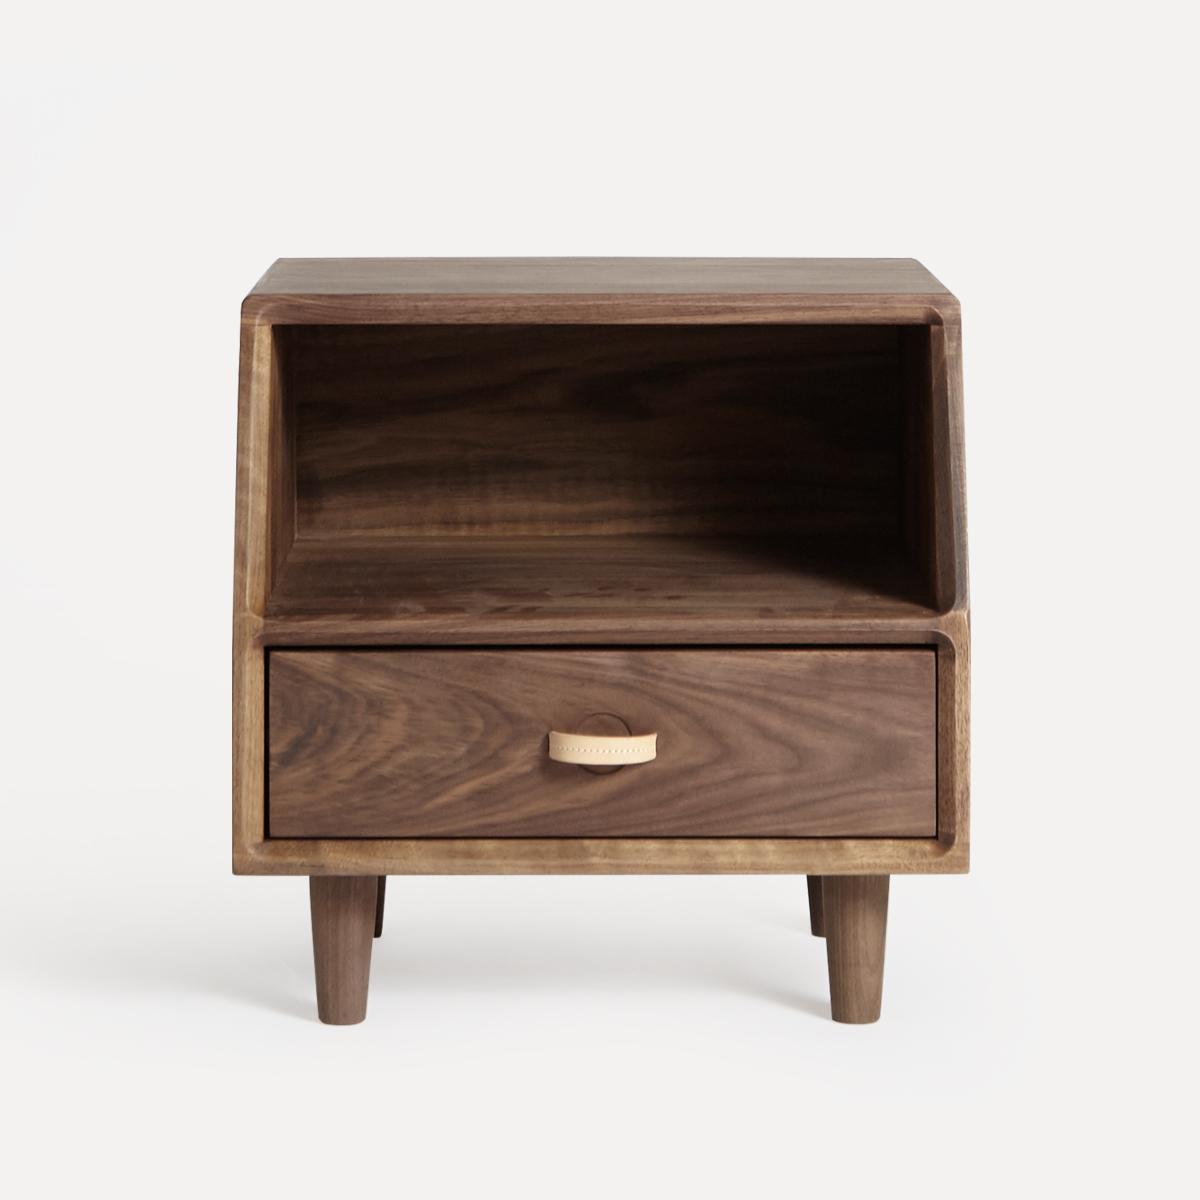 及木家具 北欧简约设计 床边柜 榉木 白橡 黑胡桃实木床头柜CG007